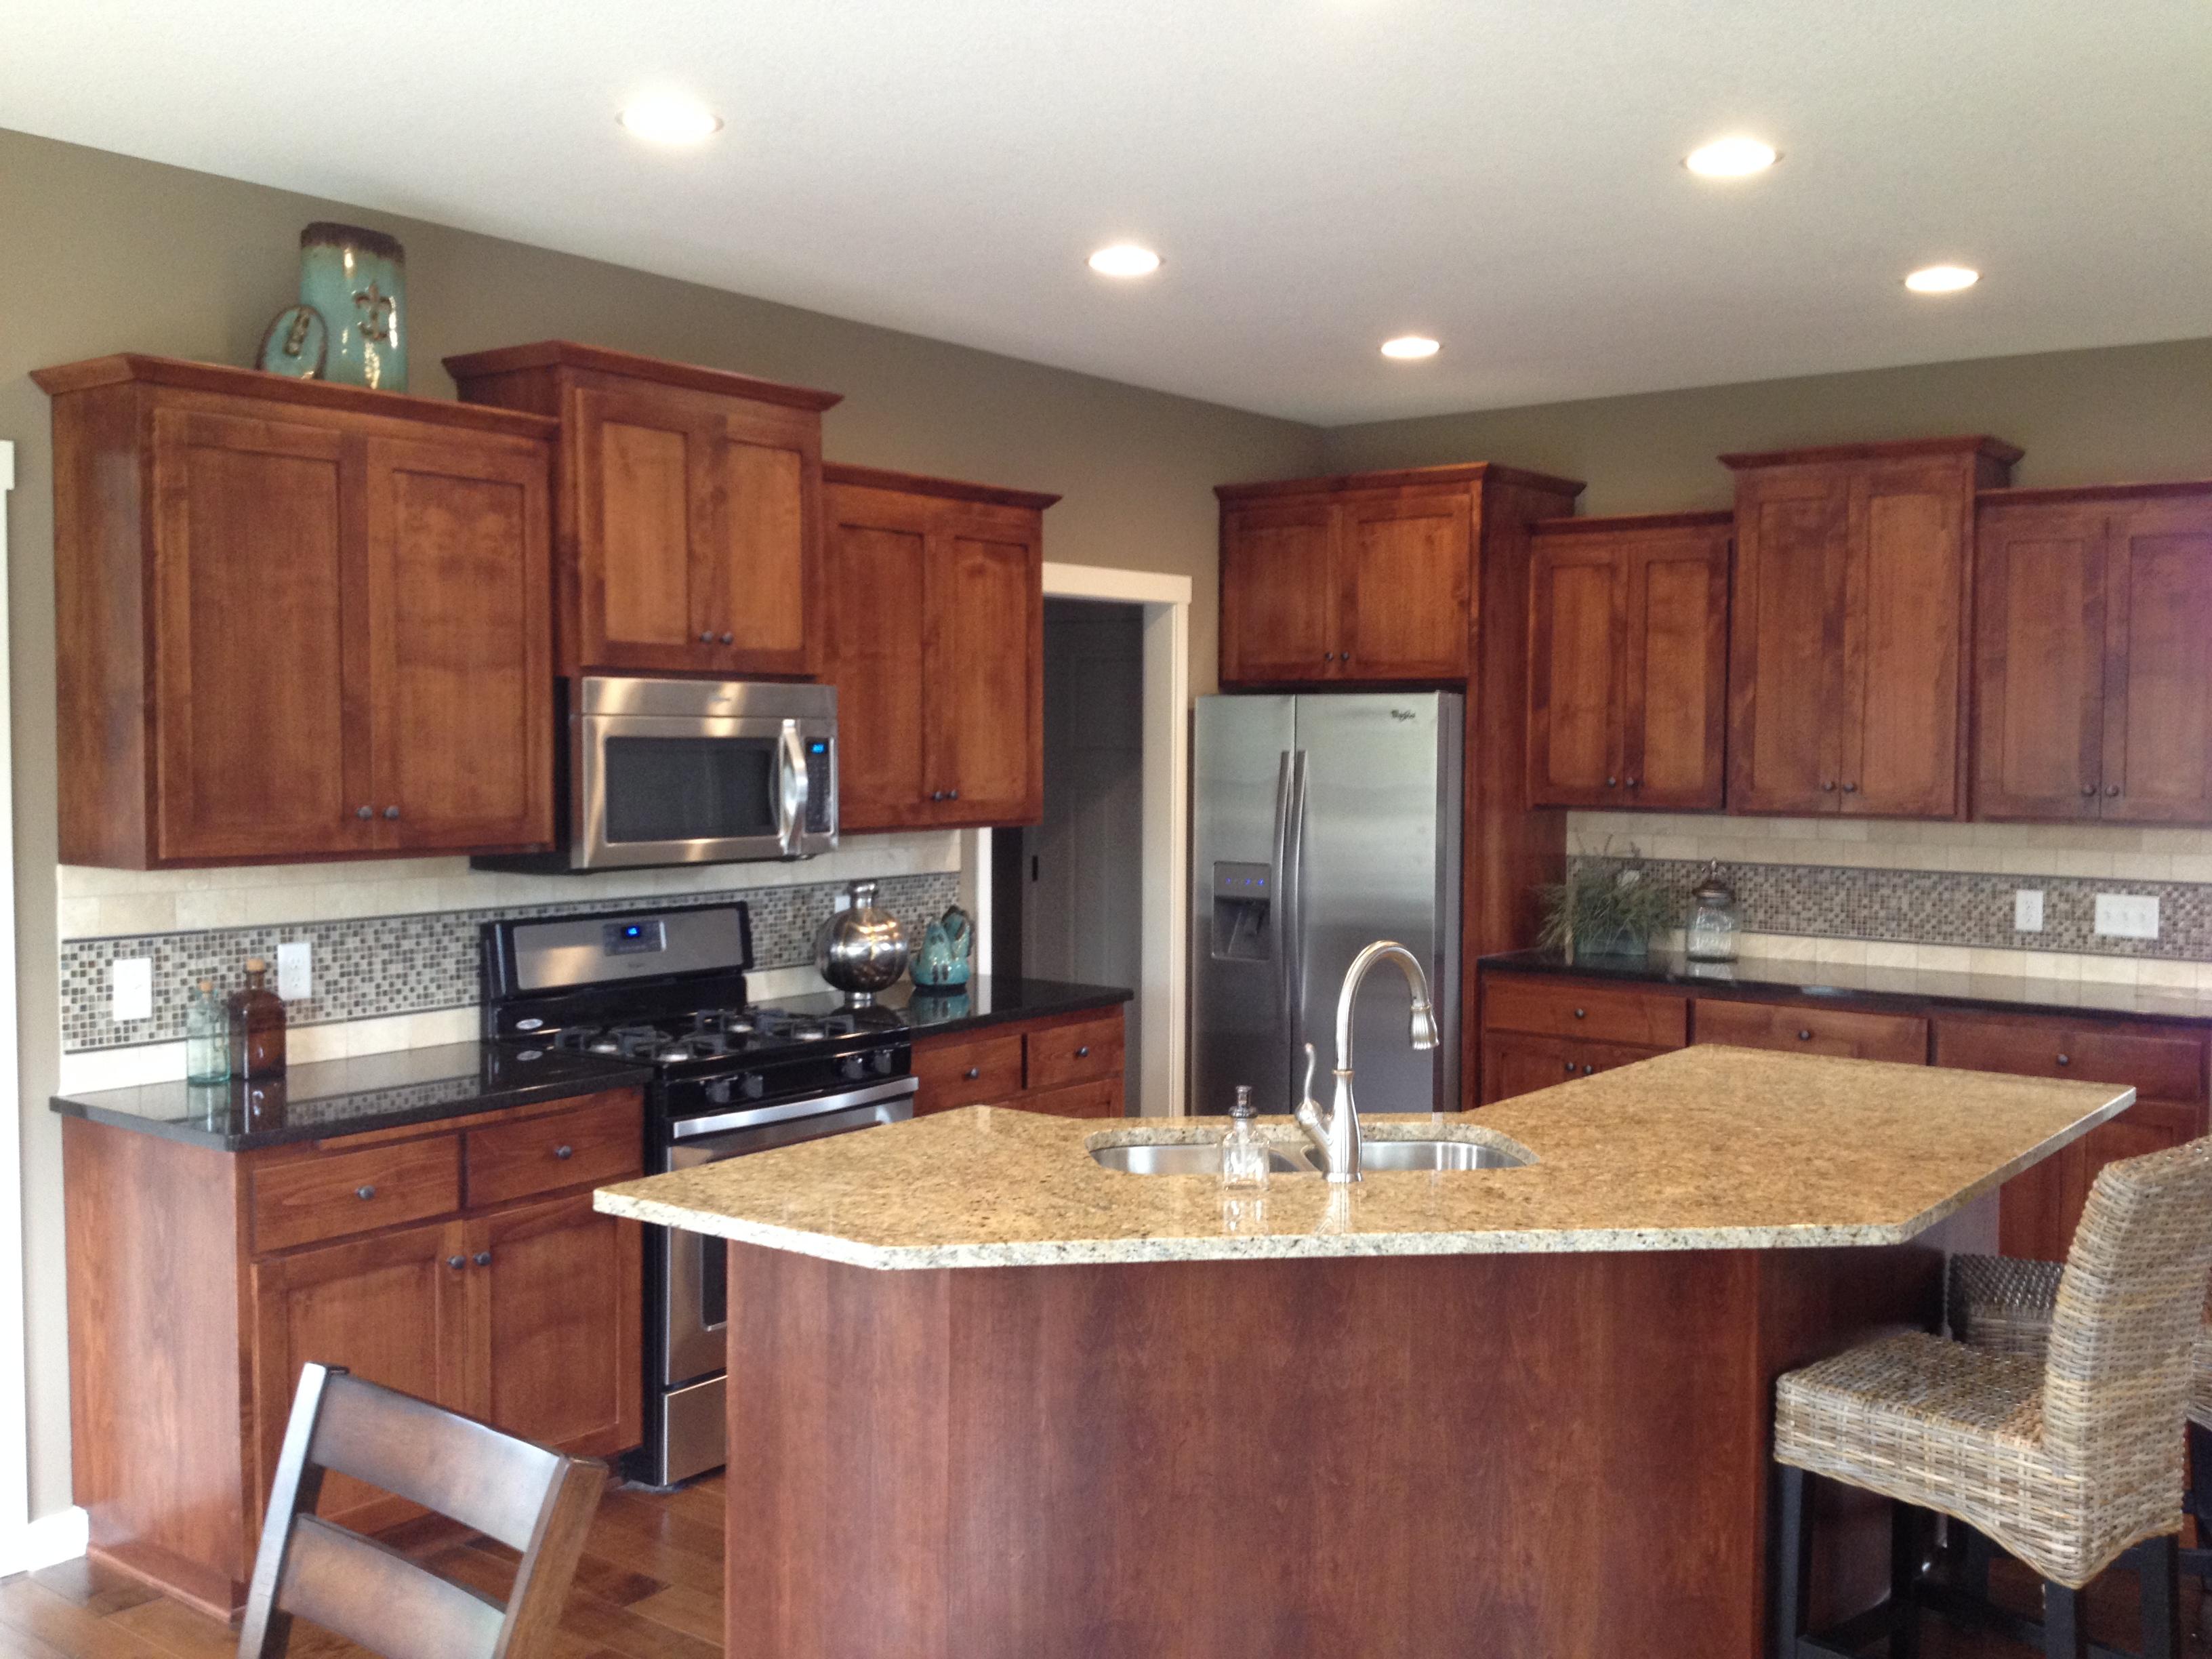 Kitchen & Designs – Darmic Homes